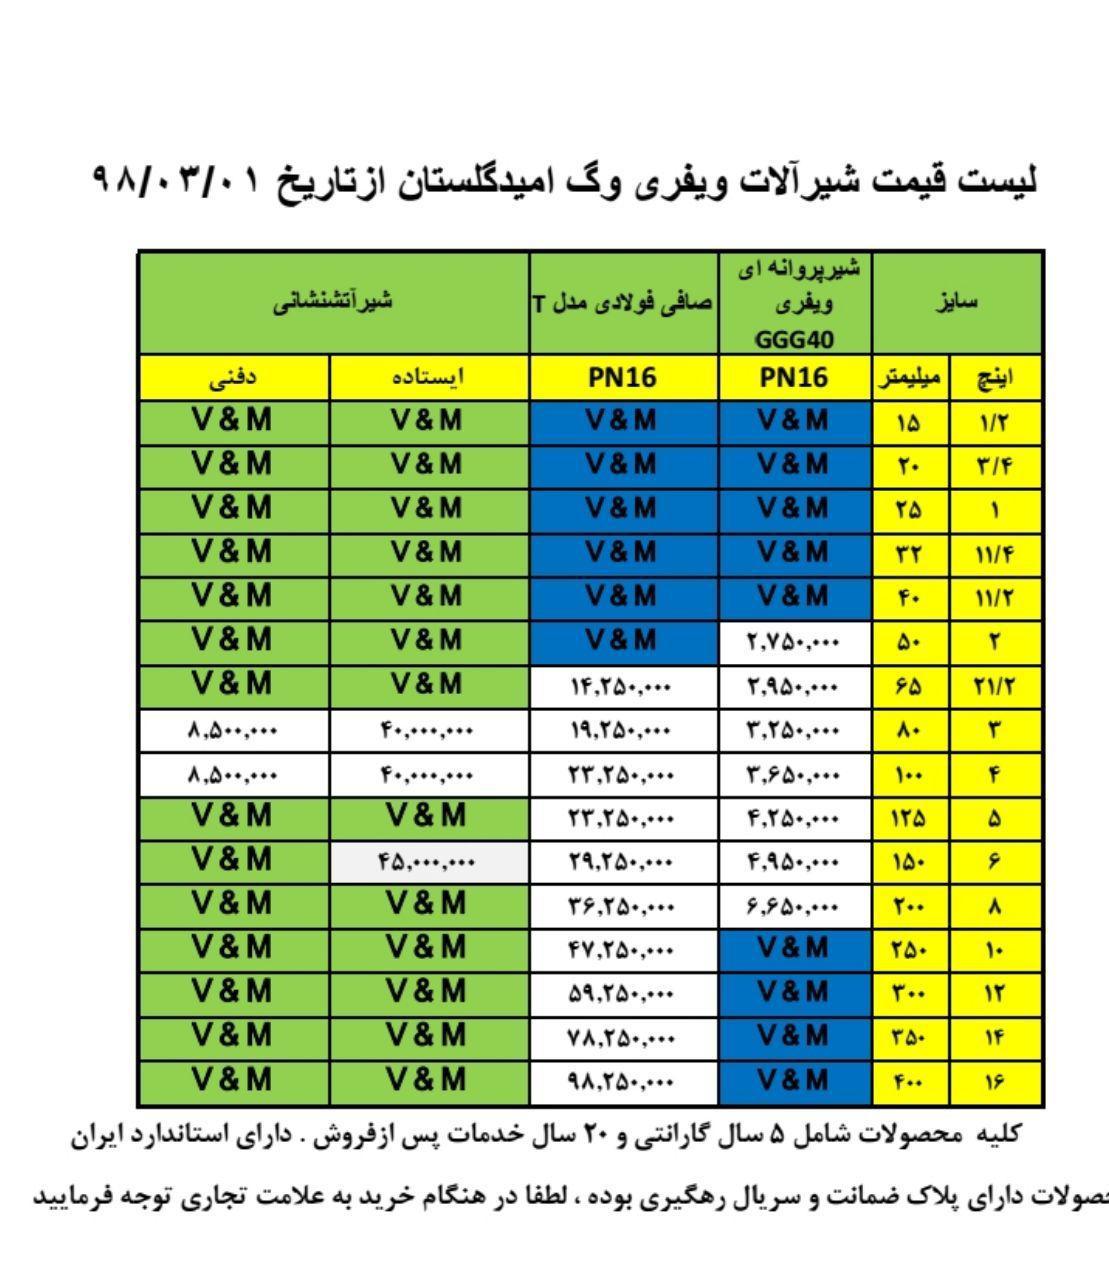 لیست قیمت شیرالات وگ امید گلستان